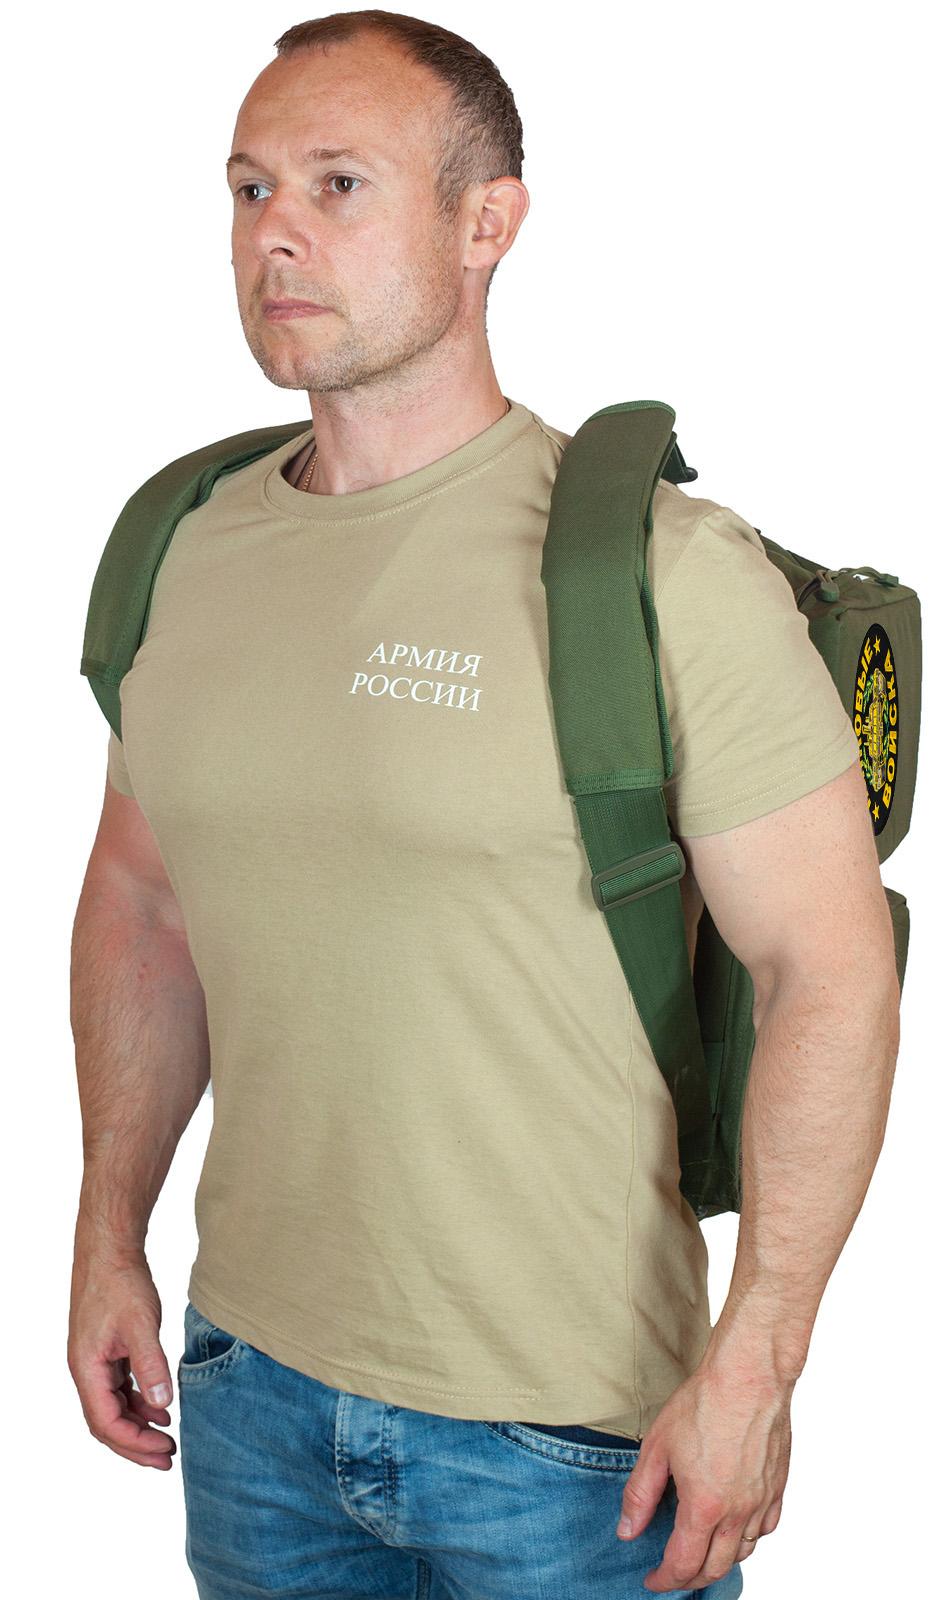 Походная мужская сумка-рюкзак с нашивкой Танковые Войска - купить оптом